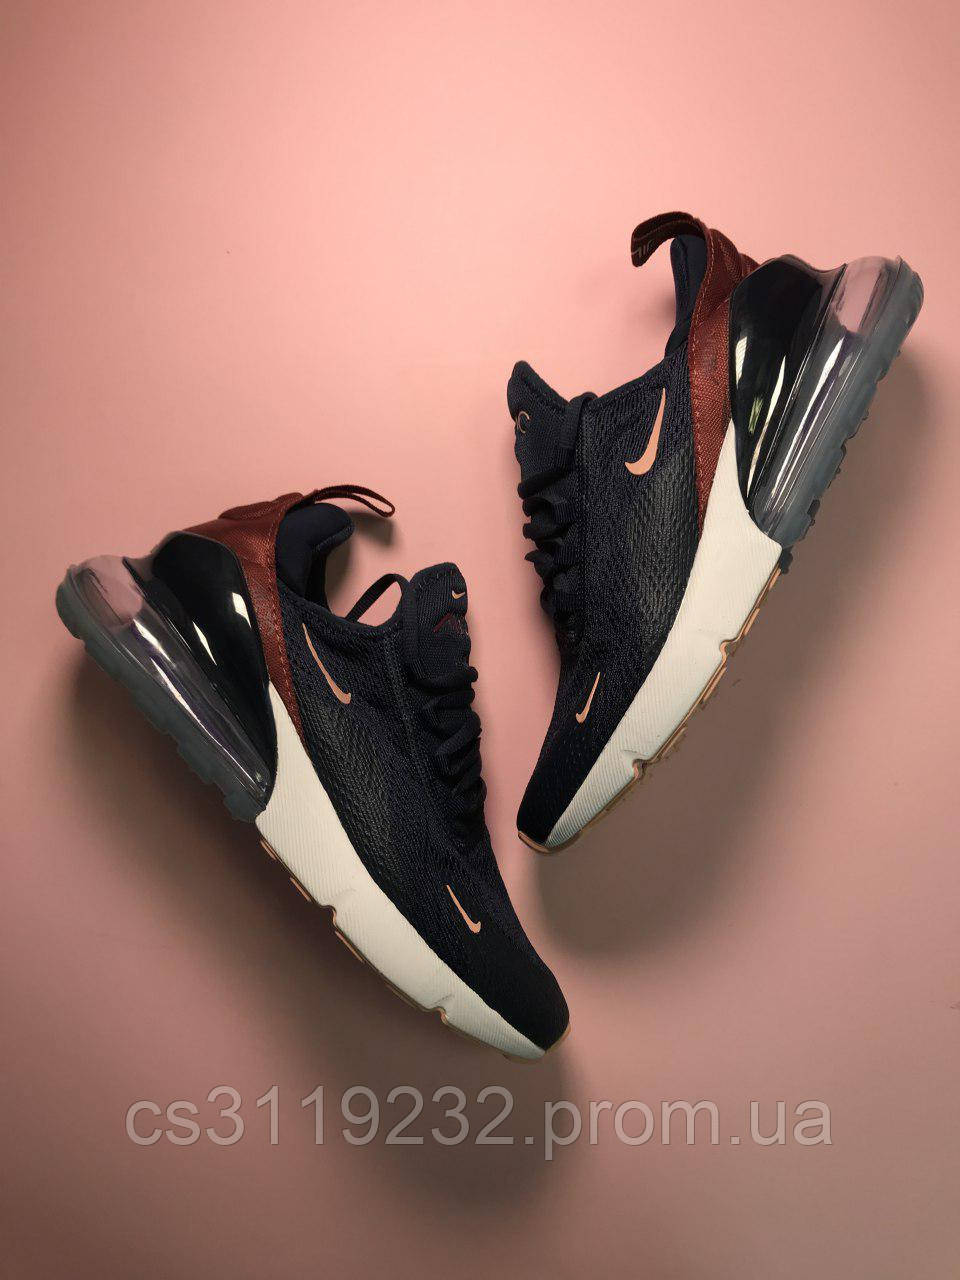 Мужские кроссовки Nike Air Max 270 (синие)